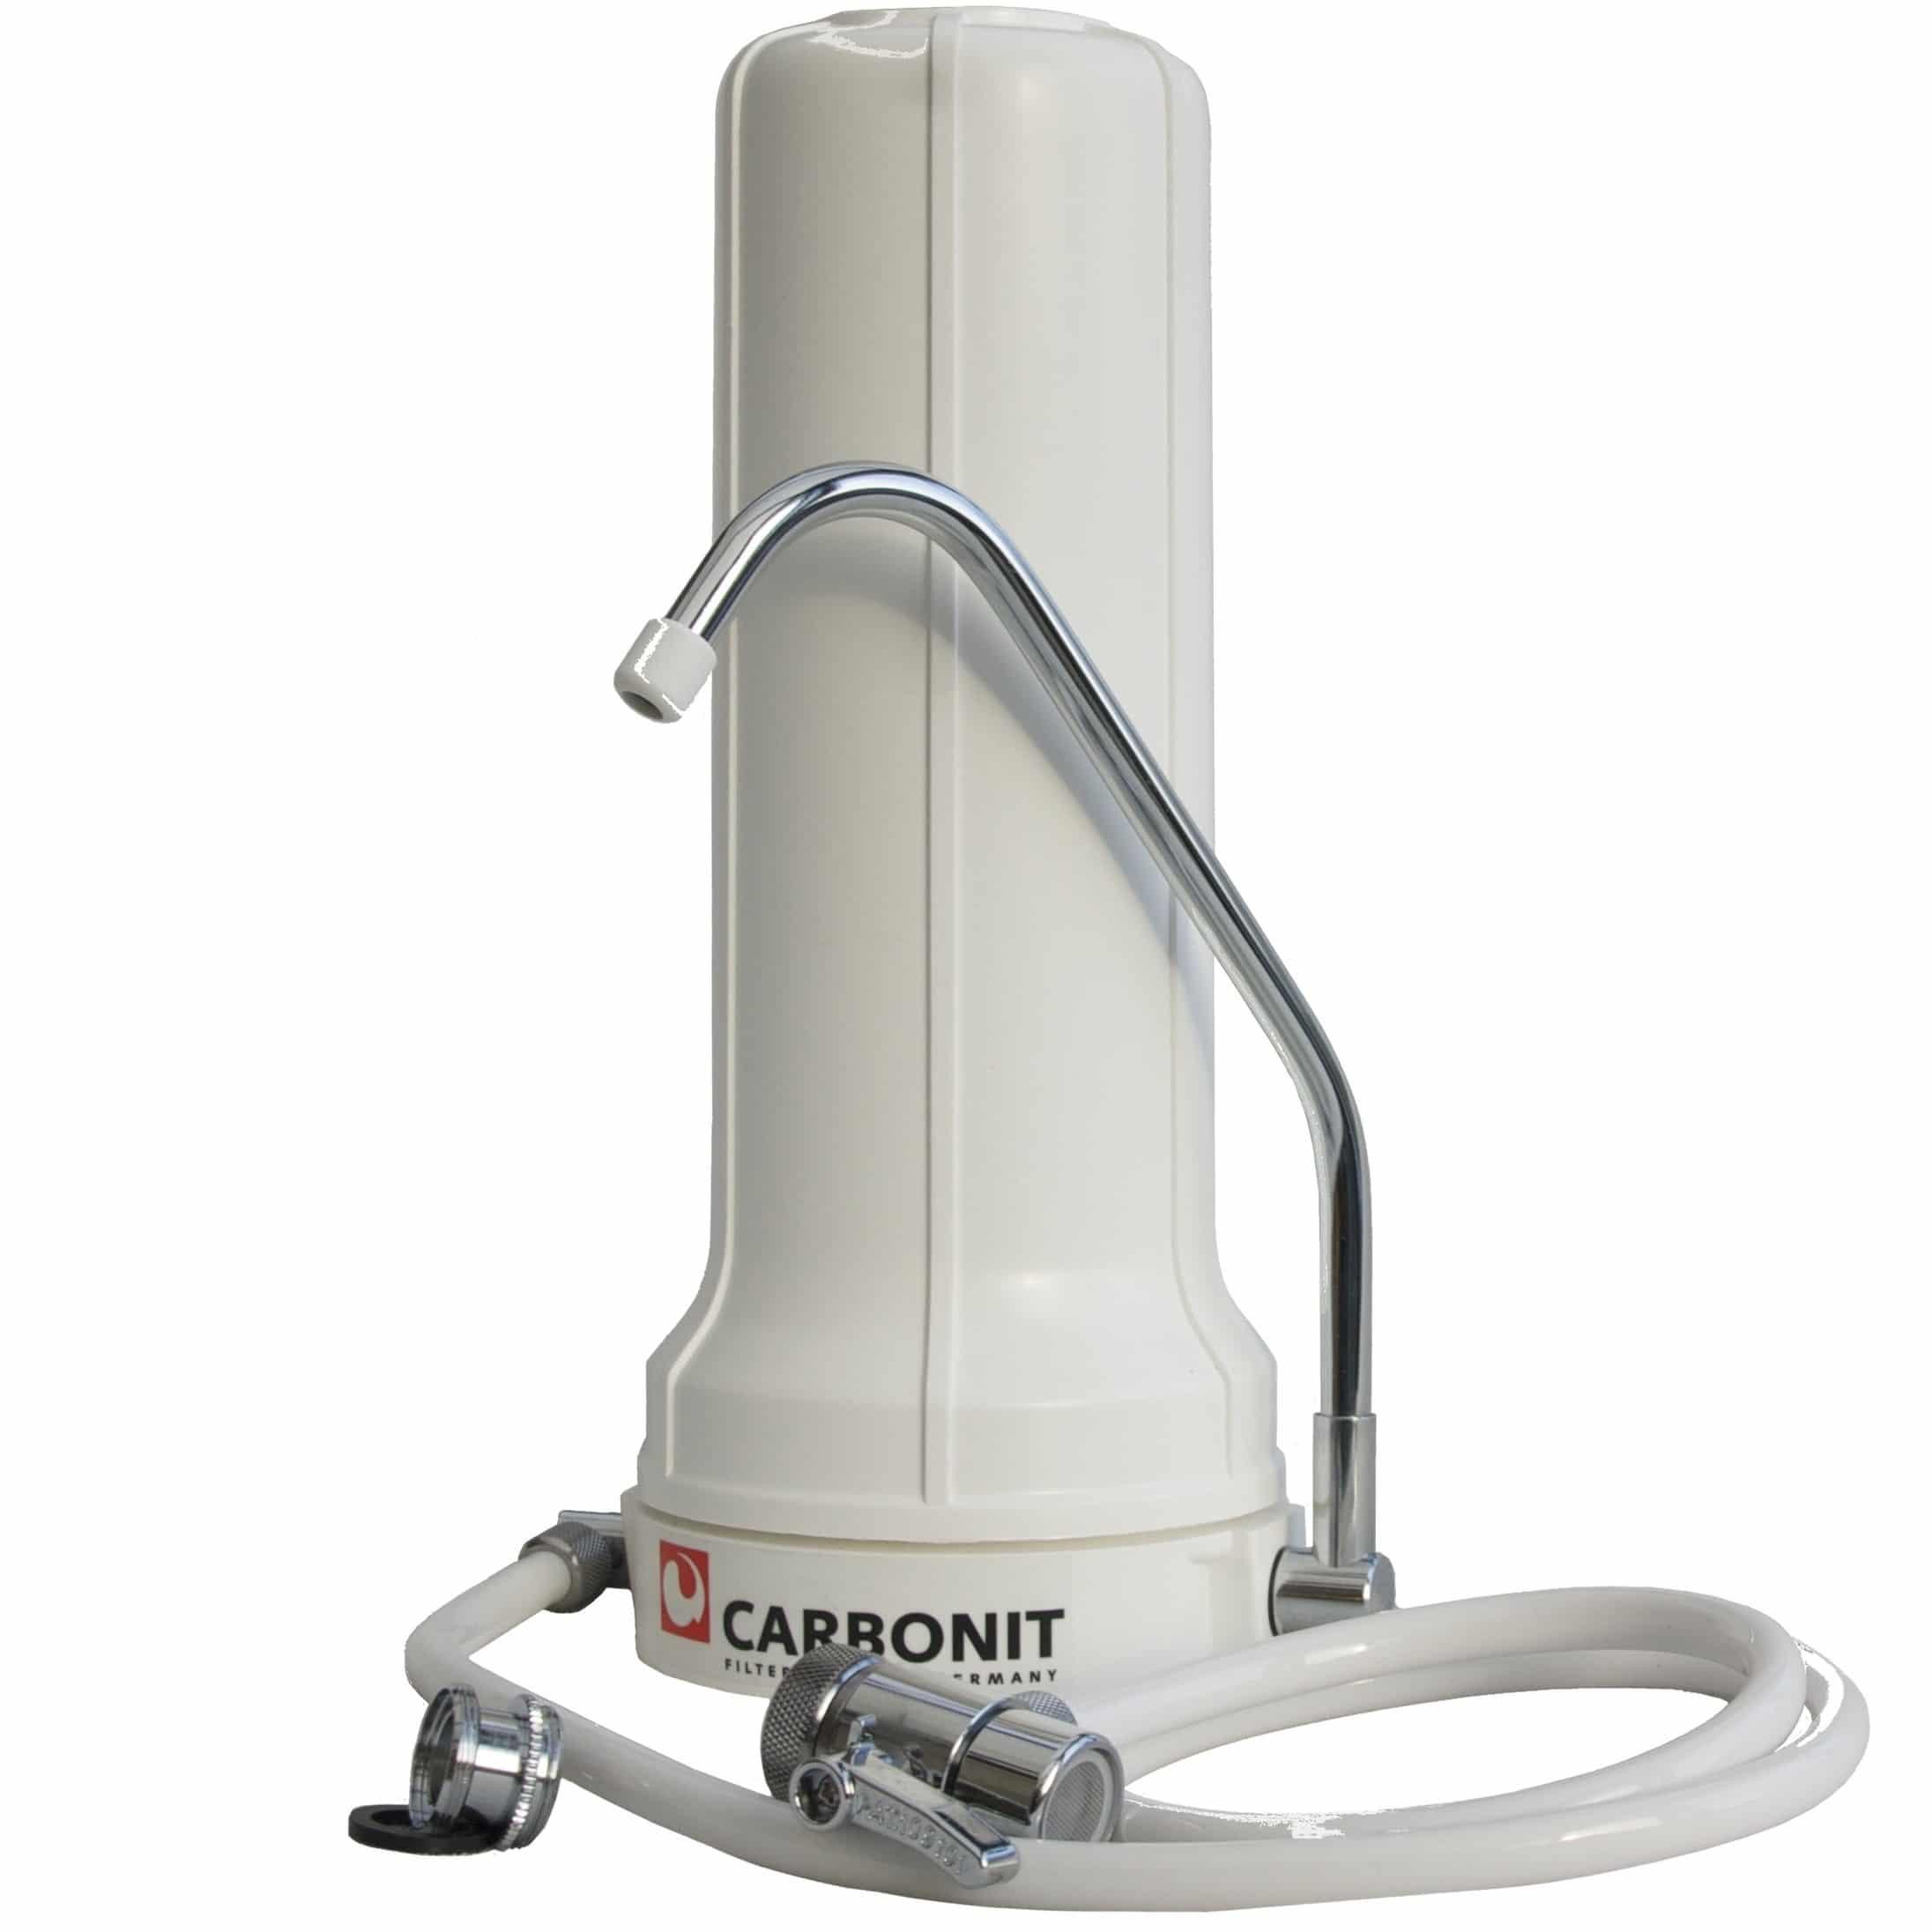 robinet pour fontaine eau free robinet de fontaine with robinet pour fontaine eau good sanuno. Black Bedroom Furniture Sets. Home Design Ideas